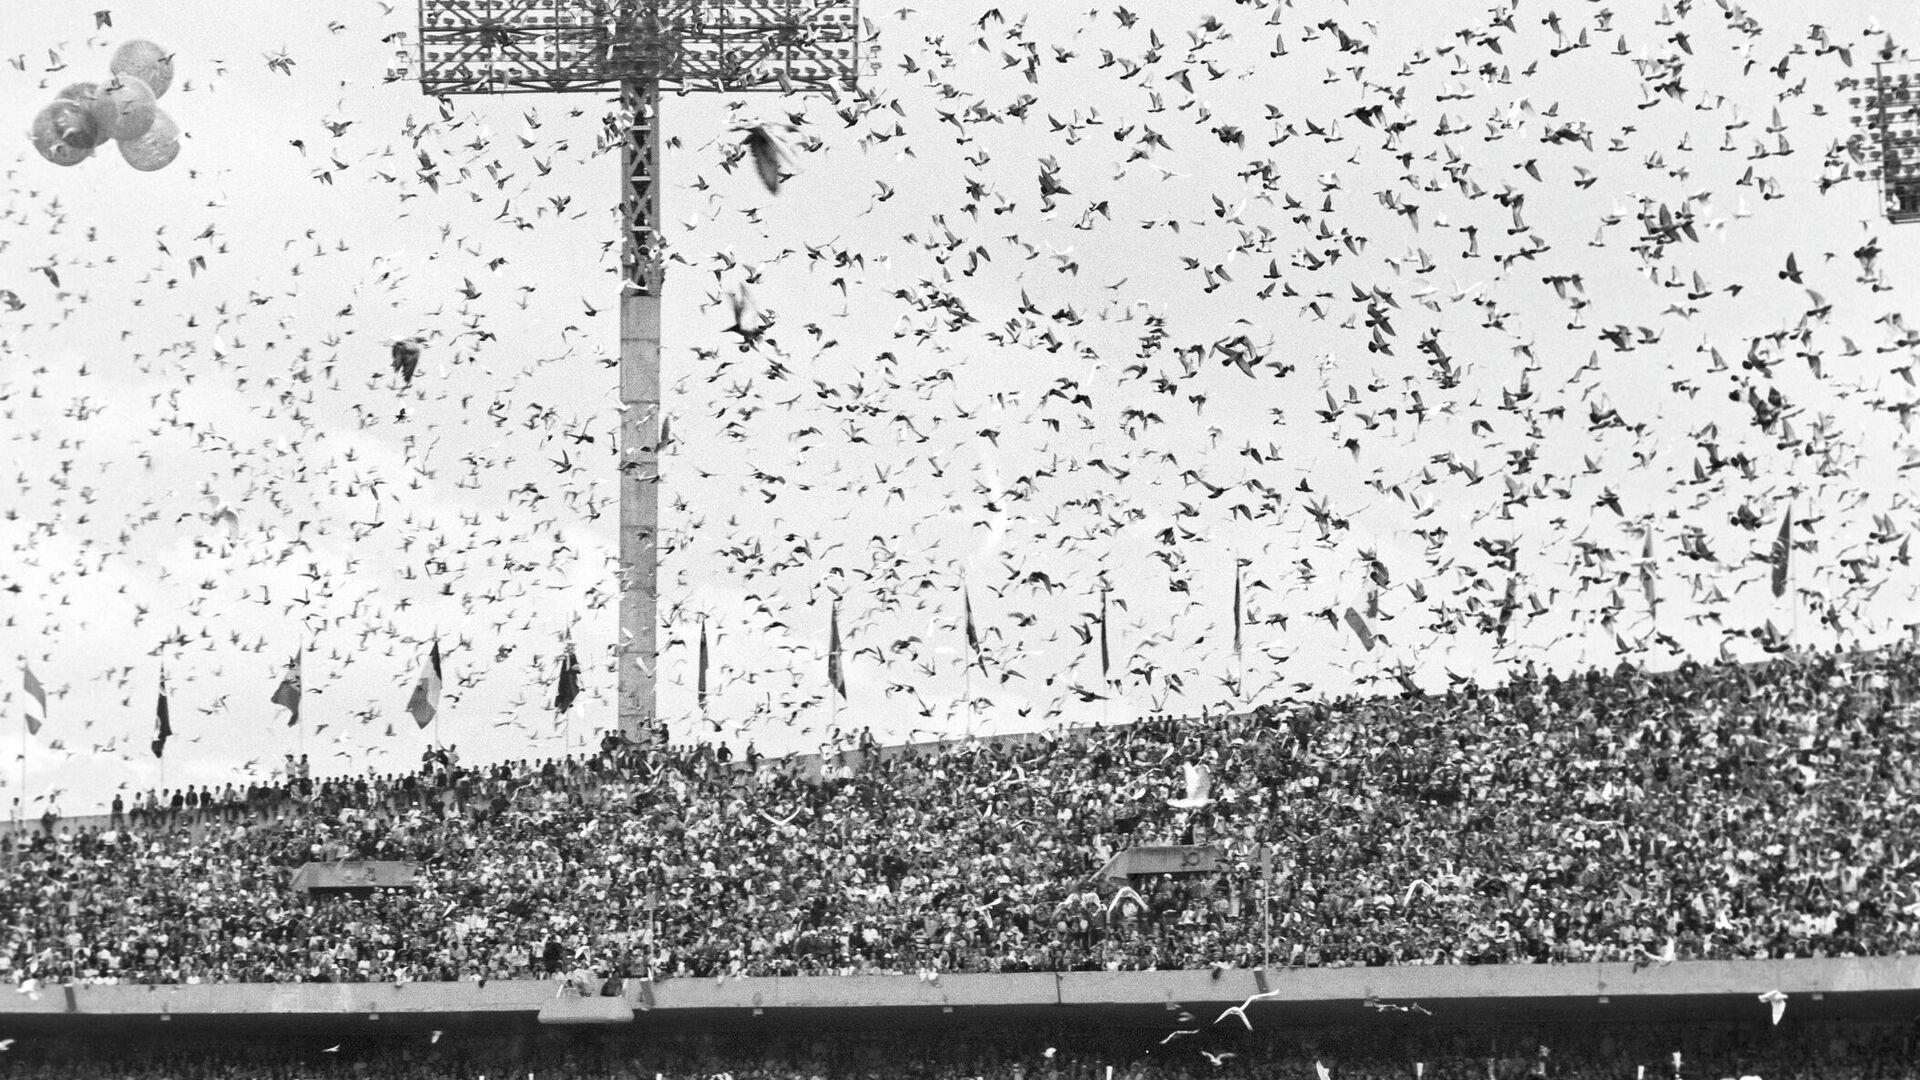 На олимпийском стадионе в день открытия XIX Олимпиады в Мехико - РИА Новости, 1920, 02.10.2020